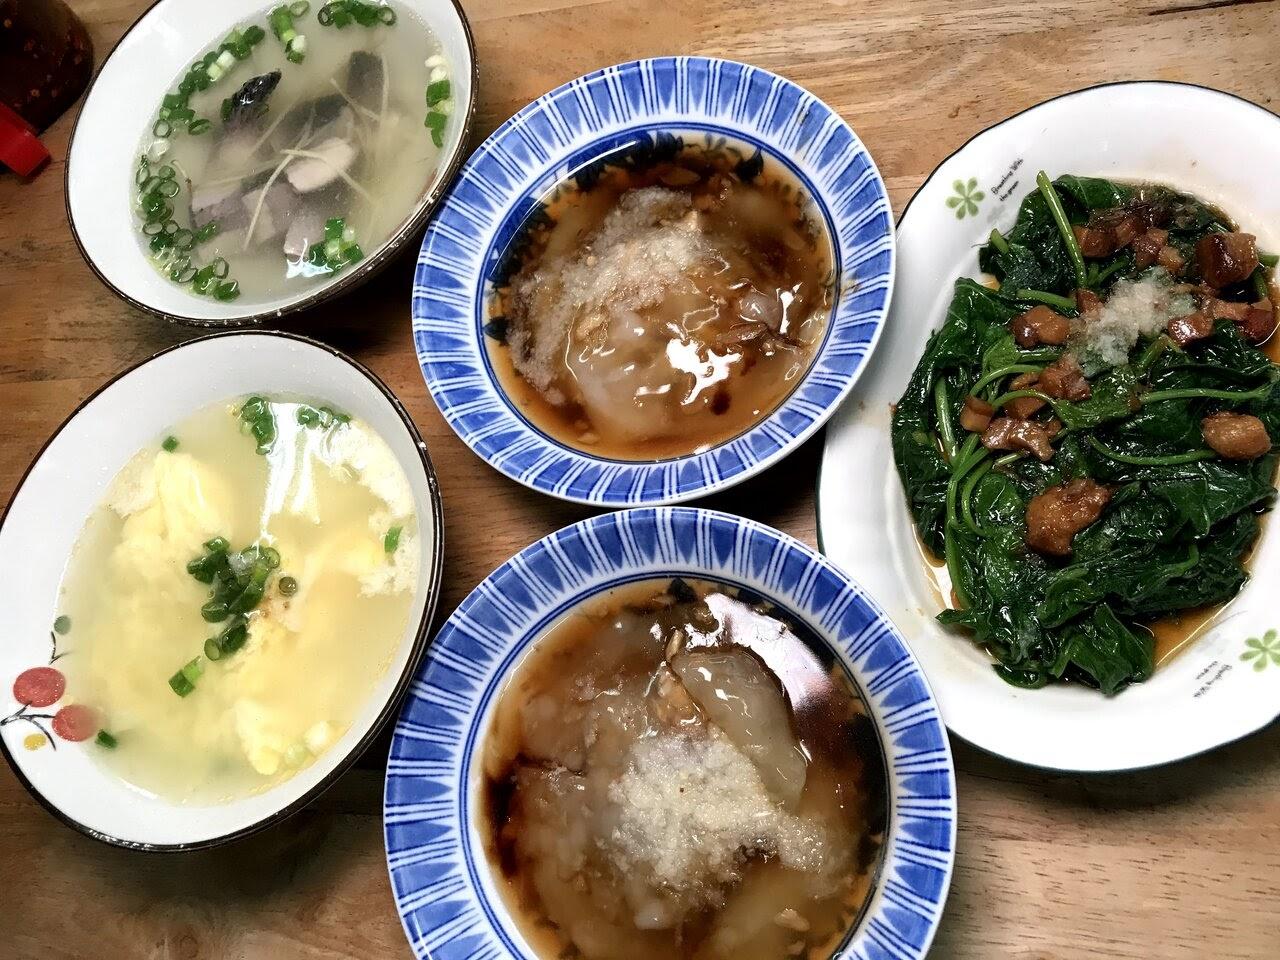 【台南|北區】巷仔內肉圓|平價巷弄小吃還有特色手工麻糬當甜點|古早的家常味